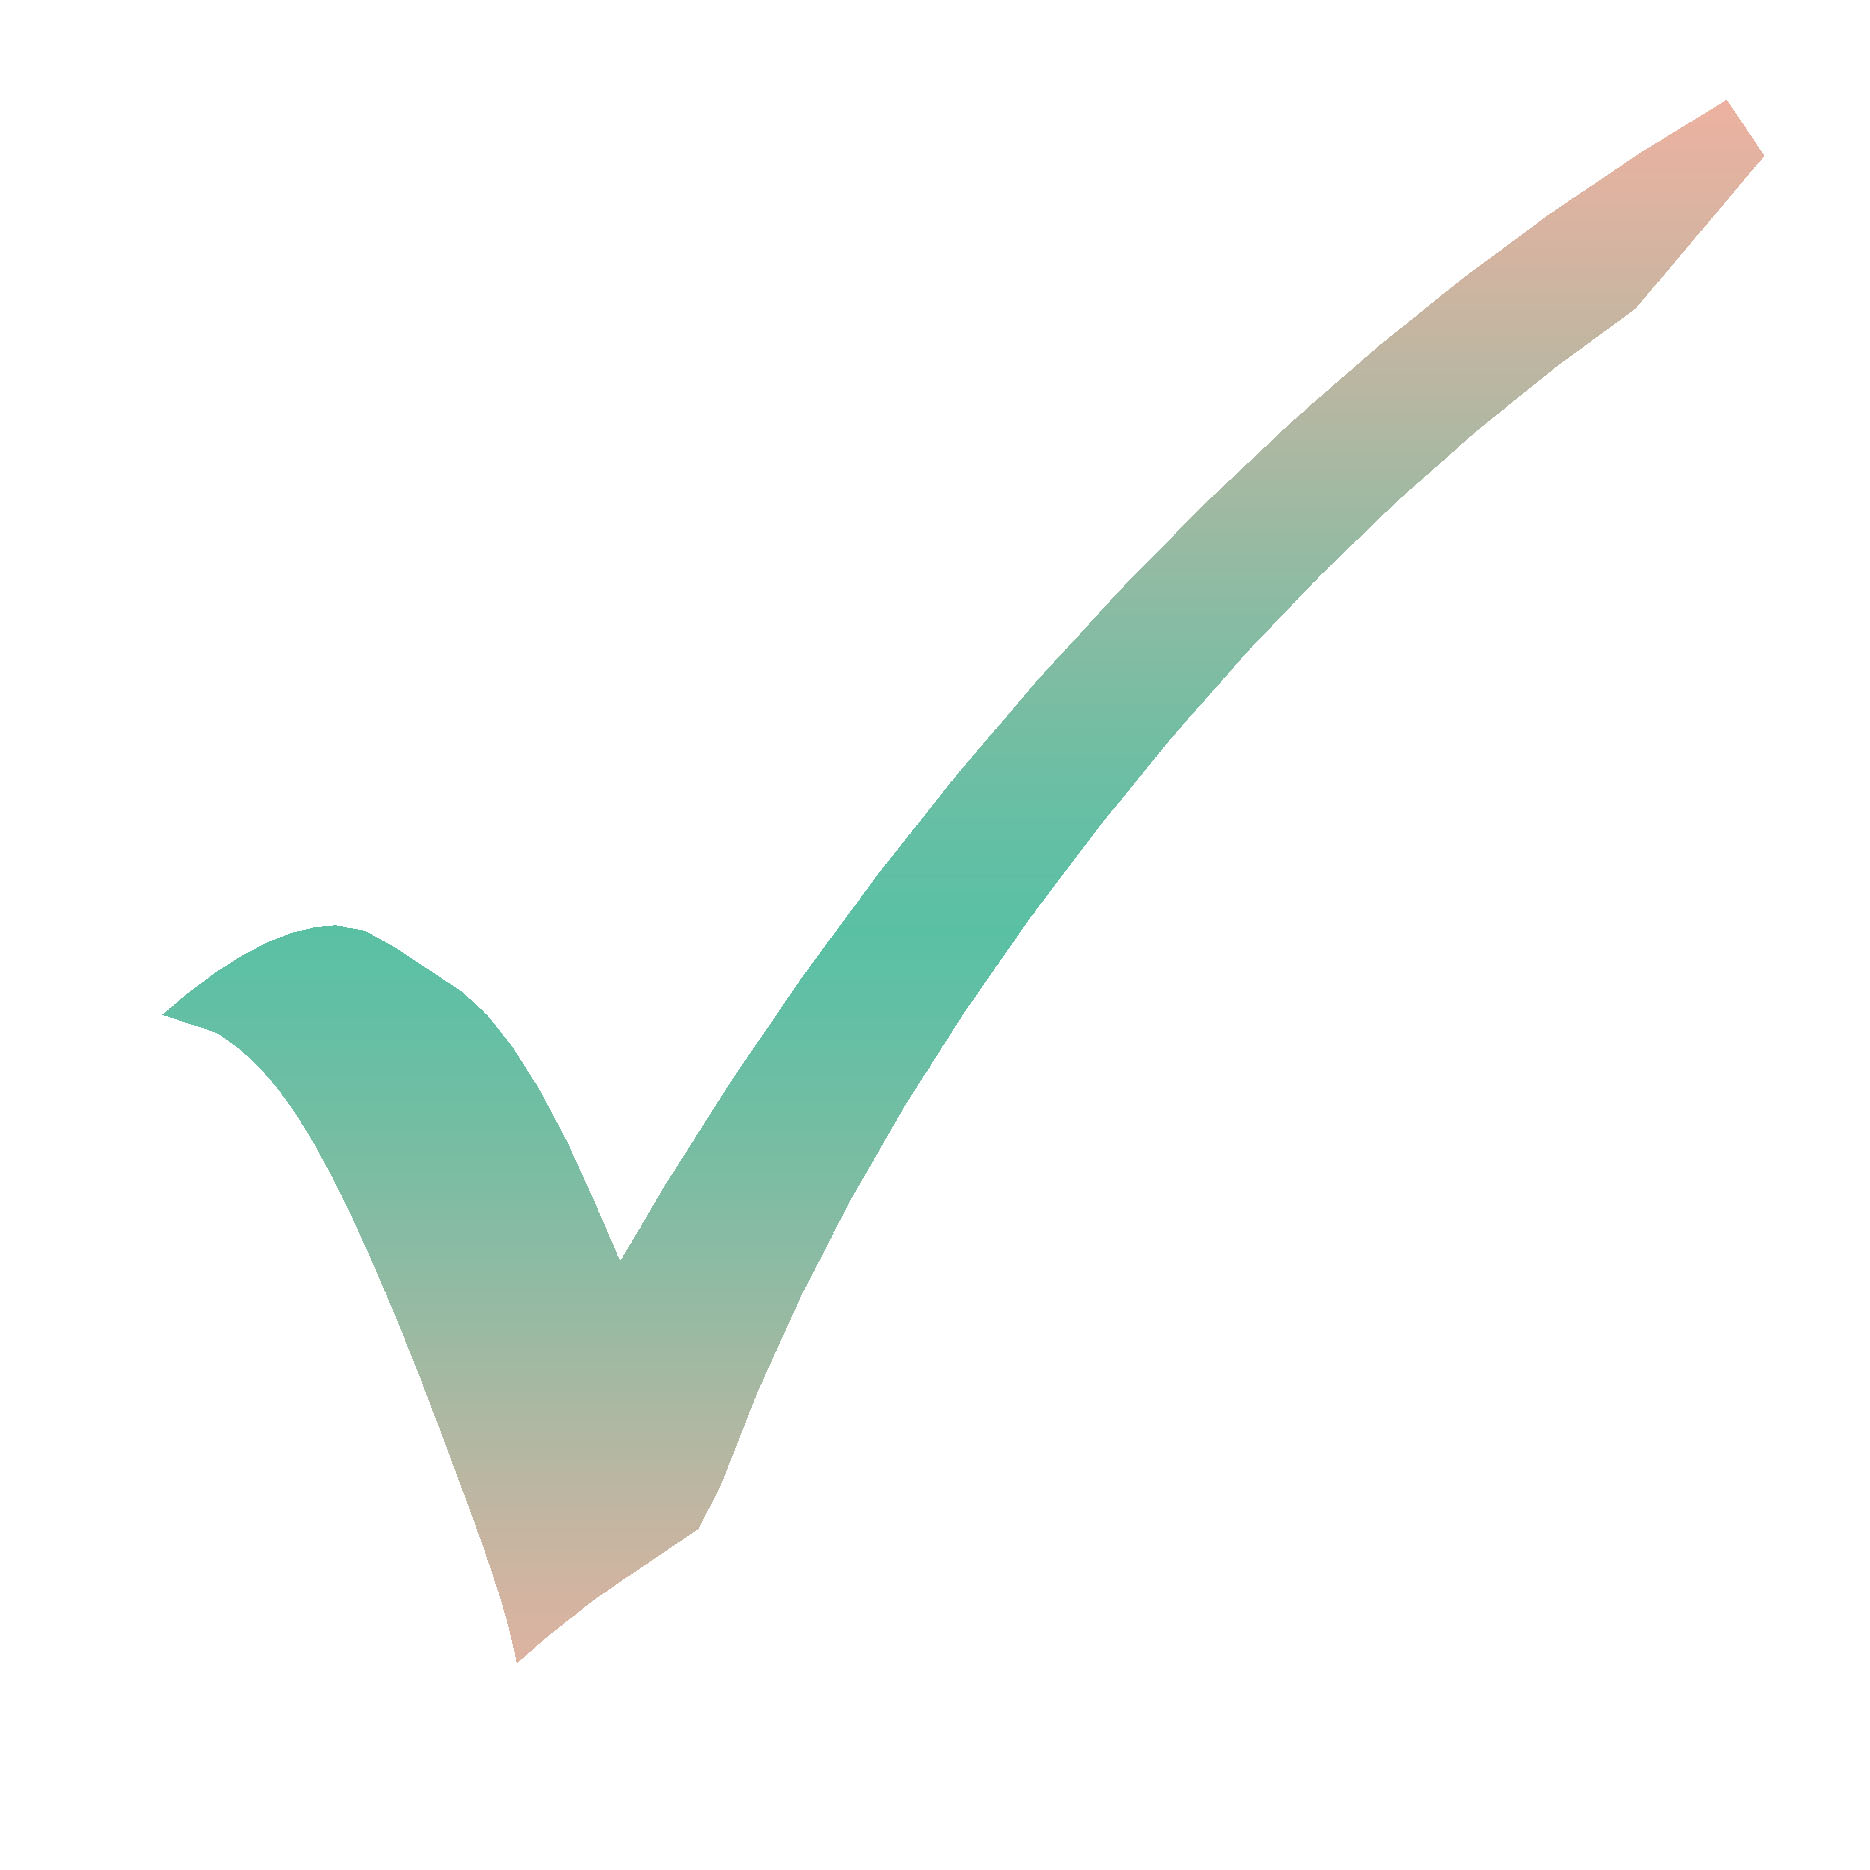 Мы продаем практичные товары, которые можно использовать не один месяц после выписки.